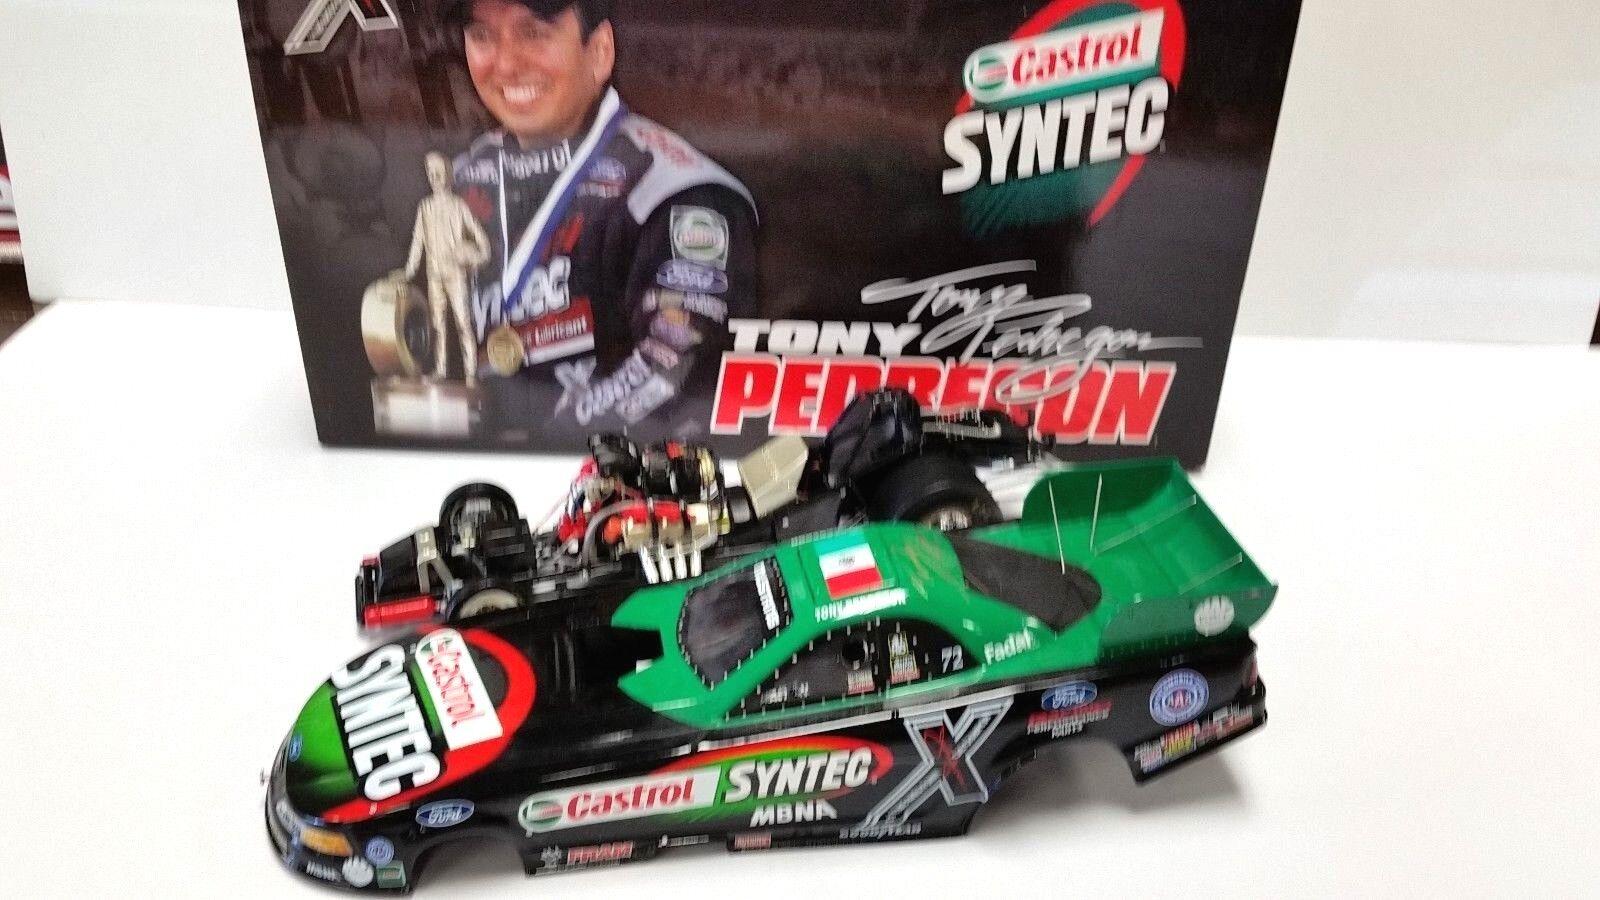 2002 TONY PEDREGON CASTROL SYNTEC NHRA FUNNY CAR AUTOGRAPHED 1 1 1 24 NHRA 1ab078